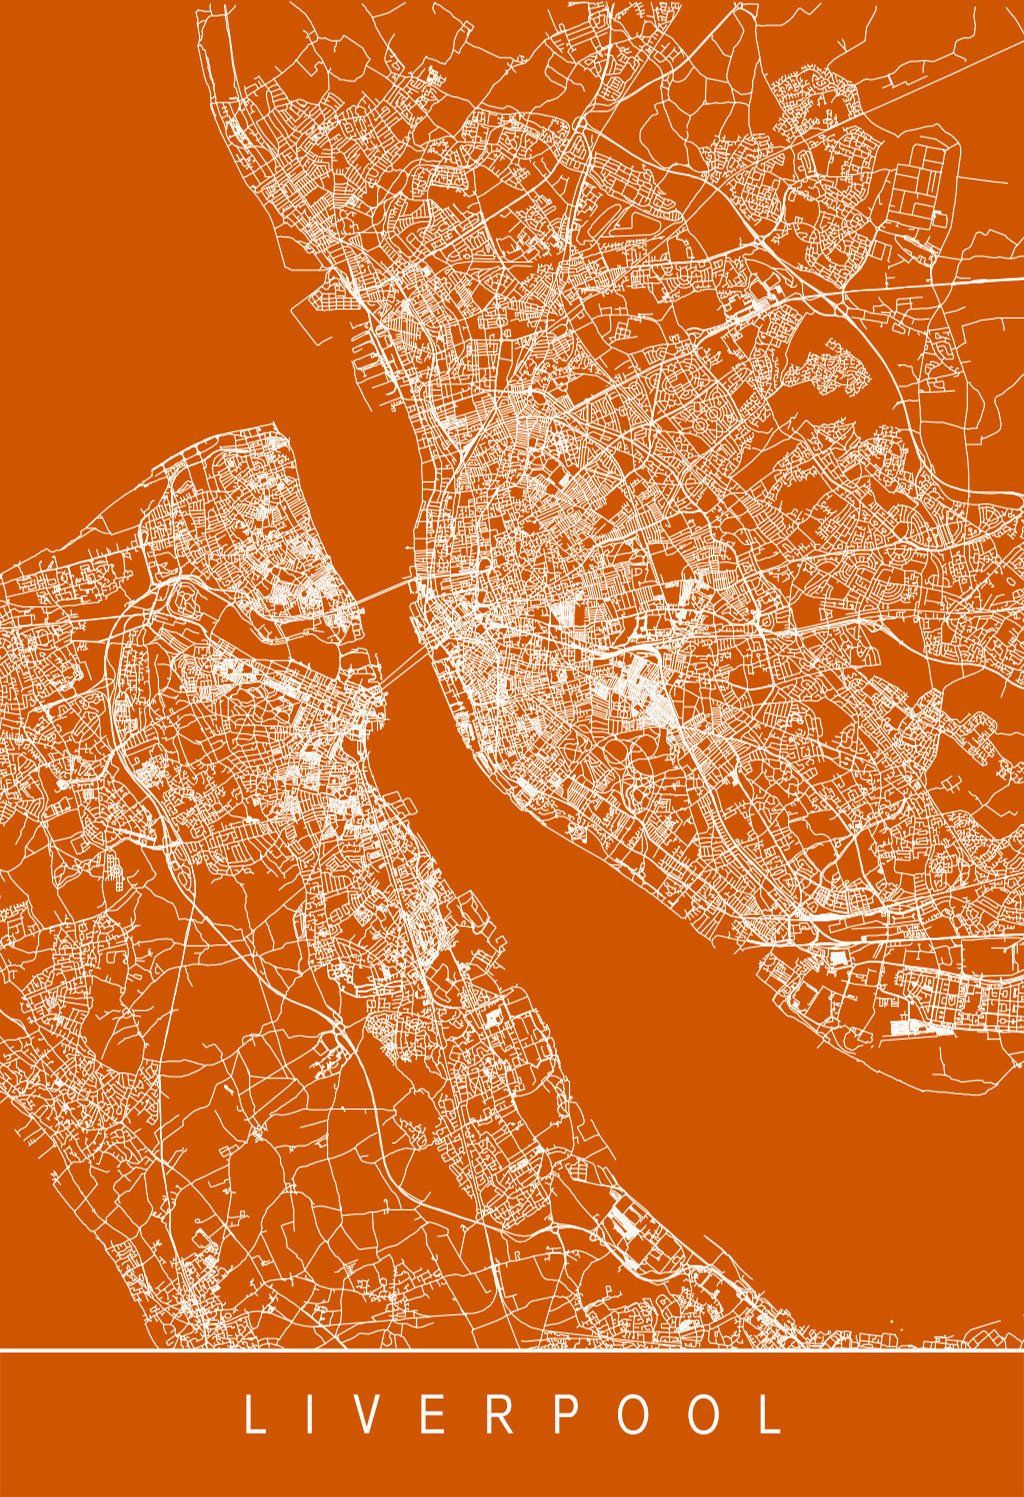 Karte / Map ~ Liverpool, England | UK: England - Landesteil in ...